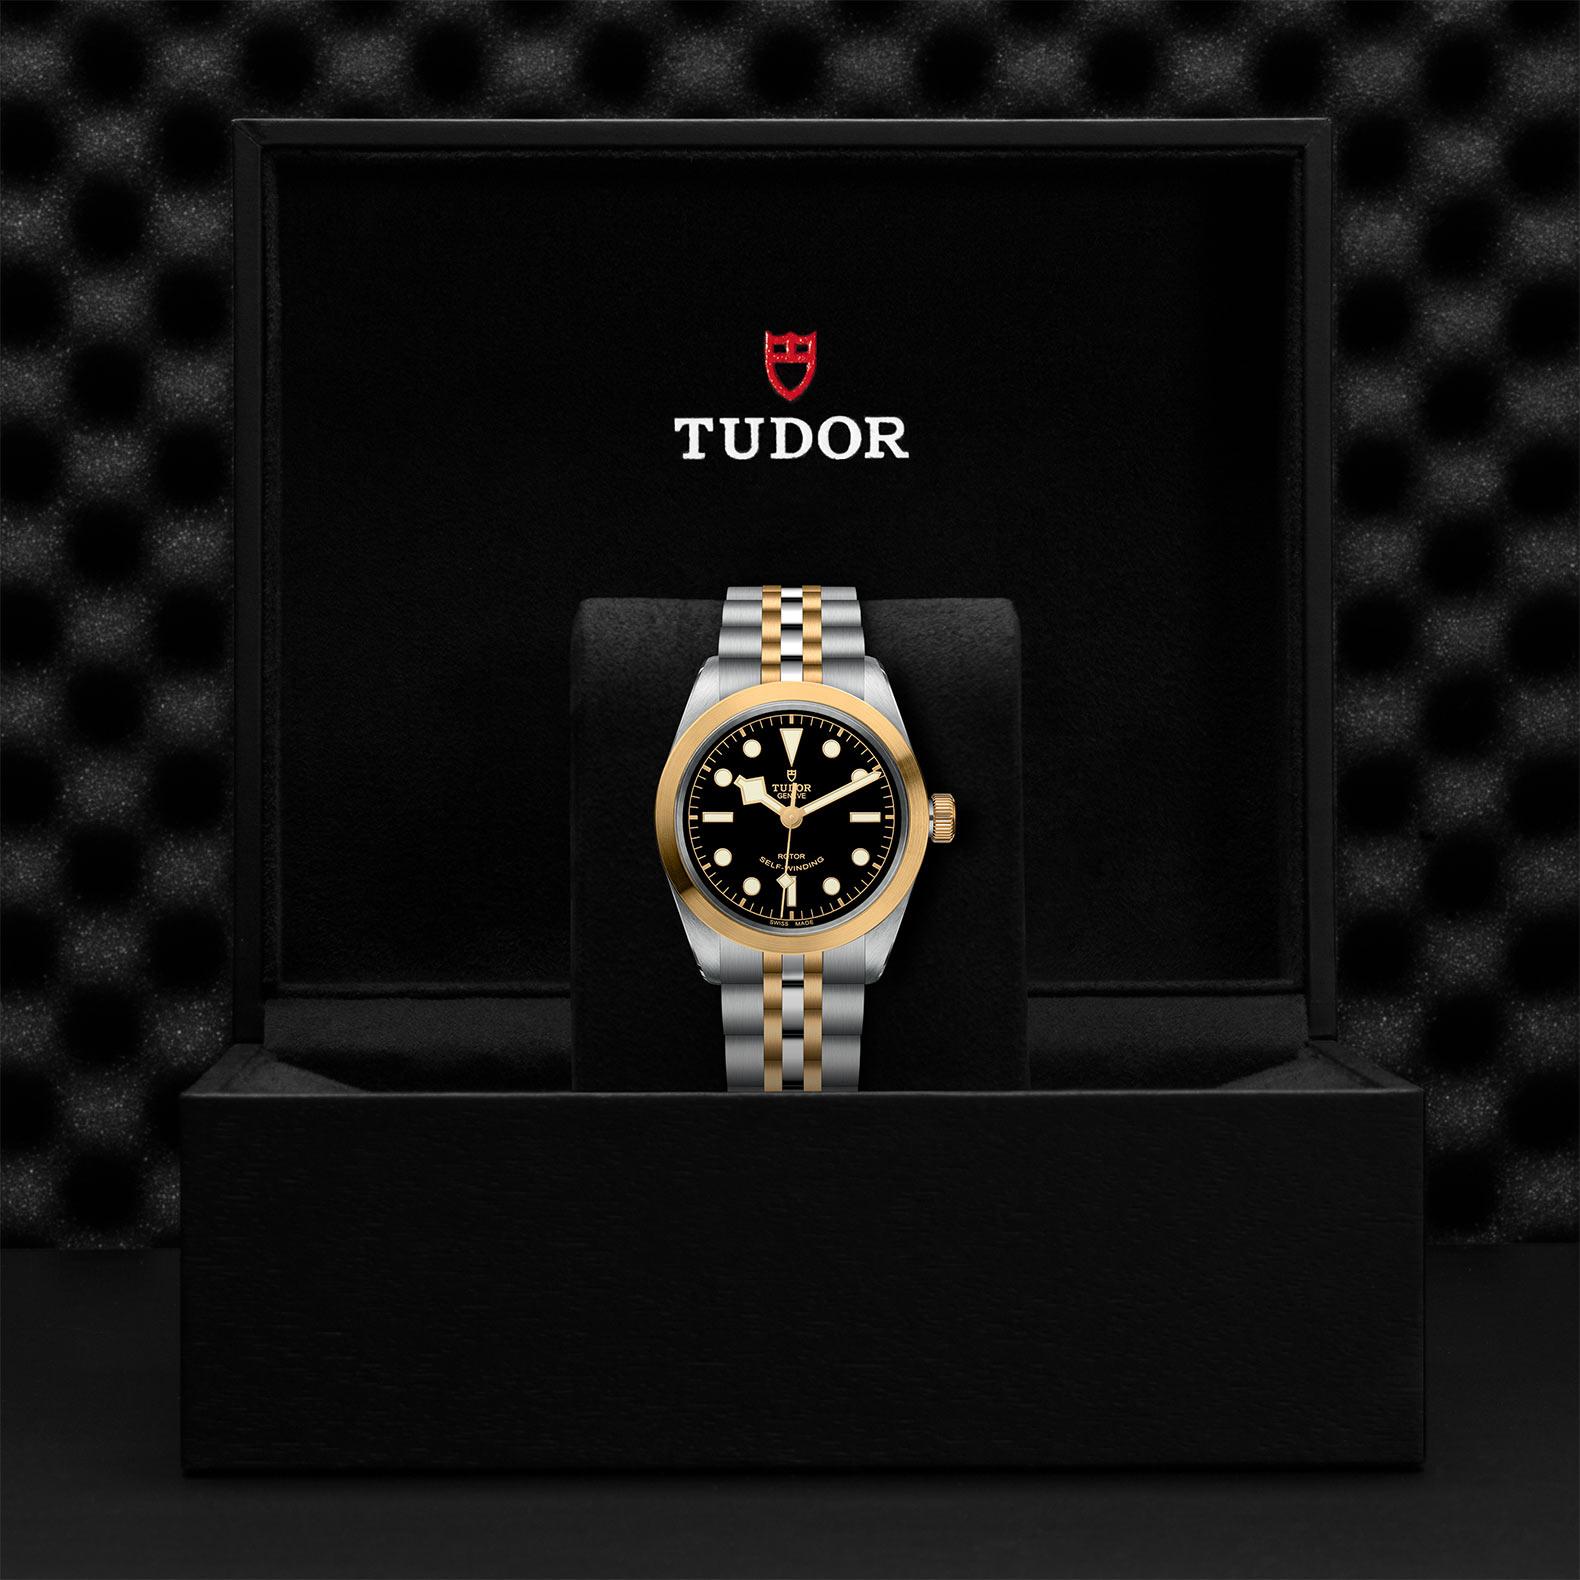 TUDOR Black Bay 36 S&G - M79503-0001